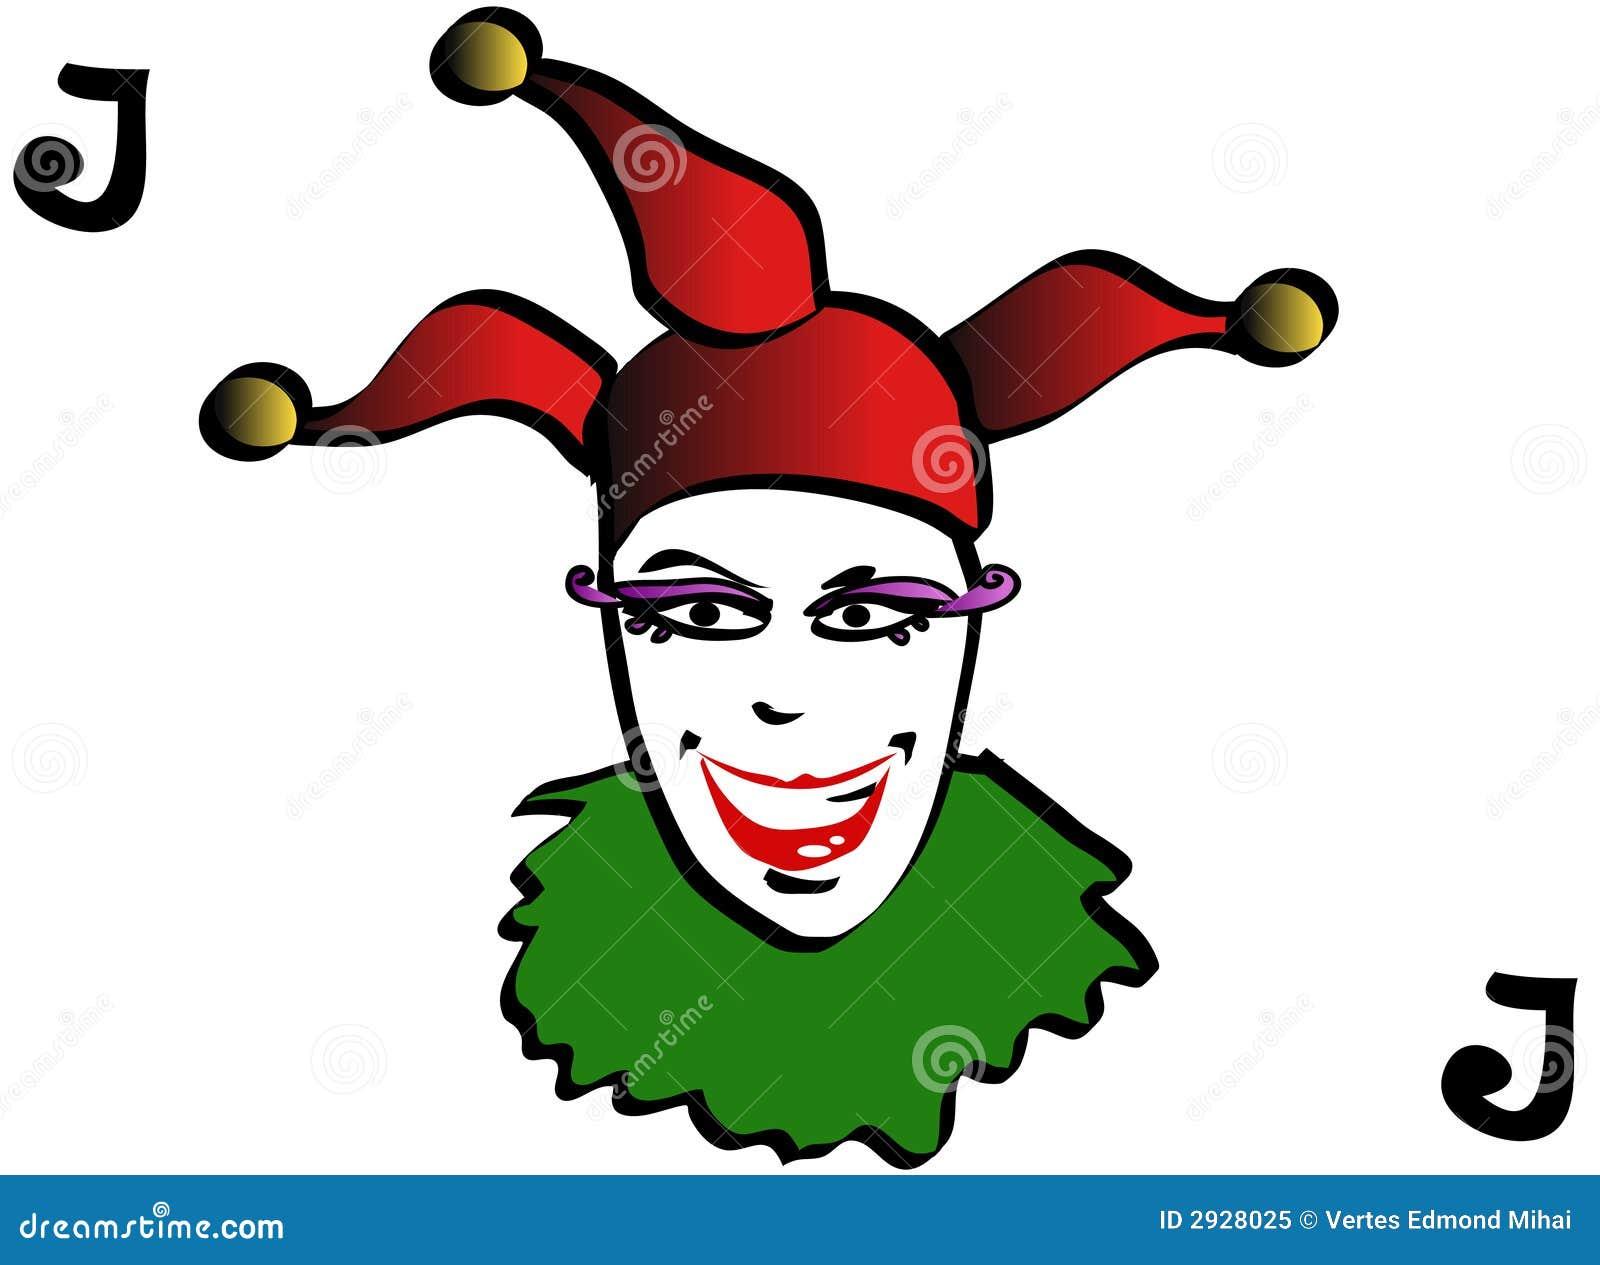 joker playing card royalty free stock photo image 2928025